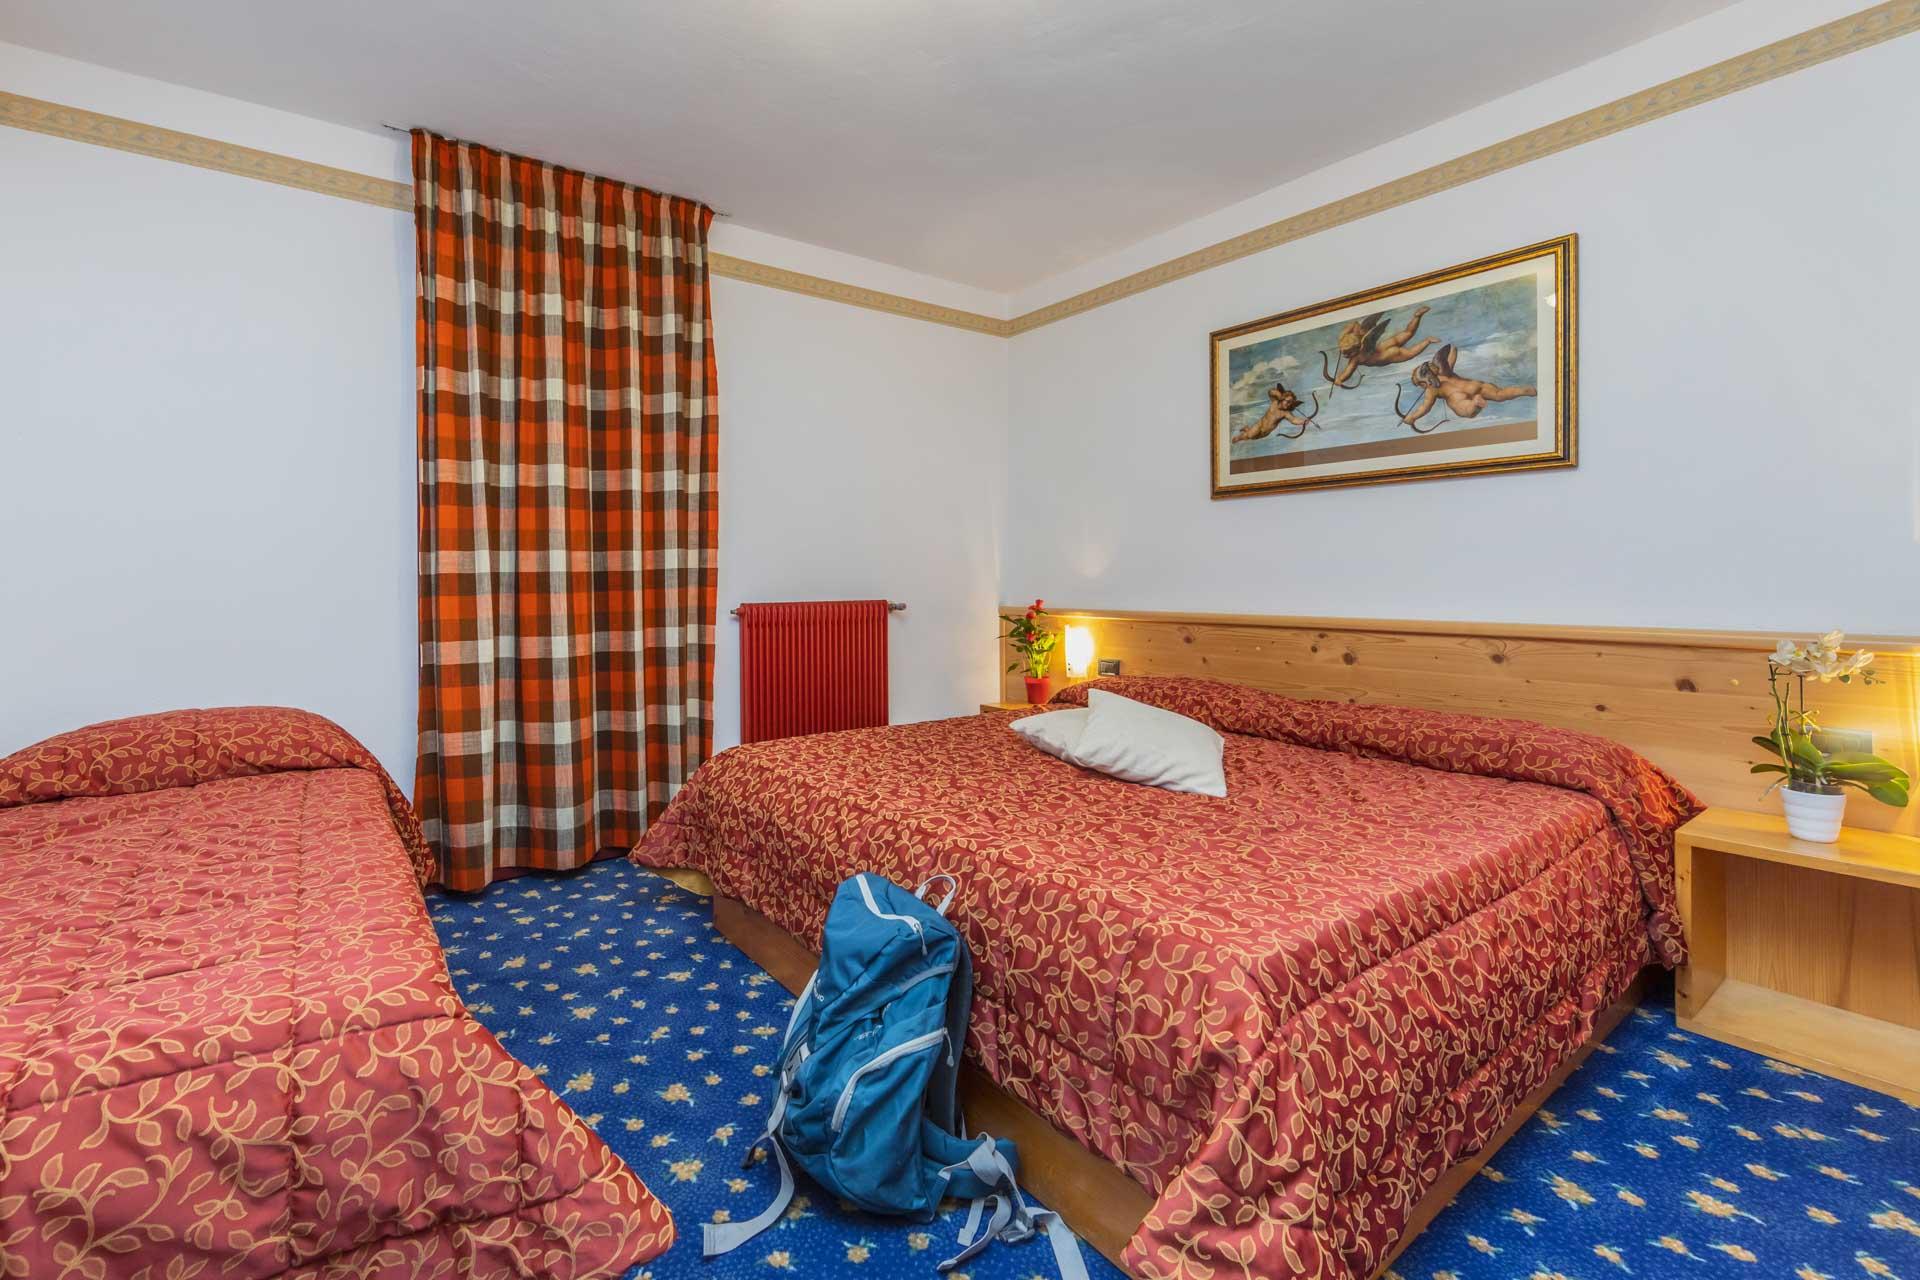 hotel-vicino-molveno-e-terme-di-comano-miravalle-cucina-tipica-con-piscina-117